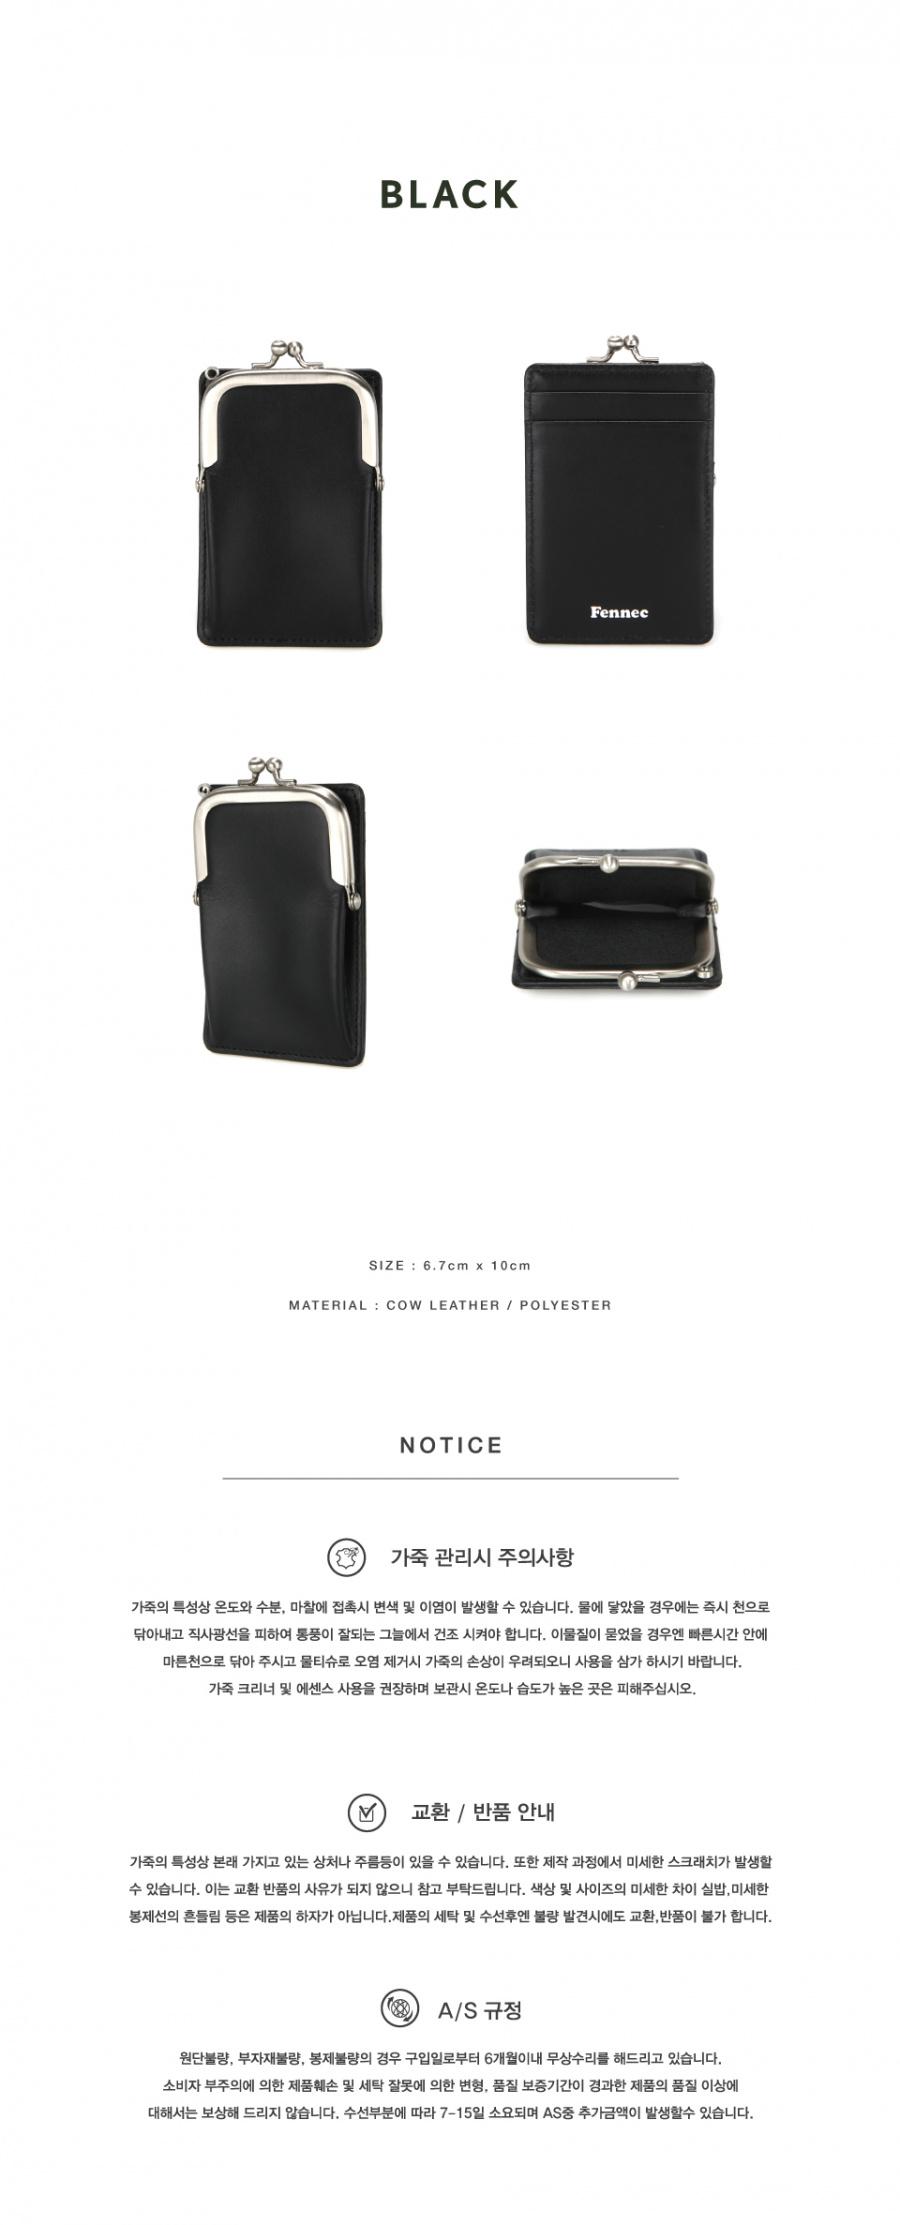 페넥(FENNEC) FRAME MINI CARD WALLET - BLACK